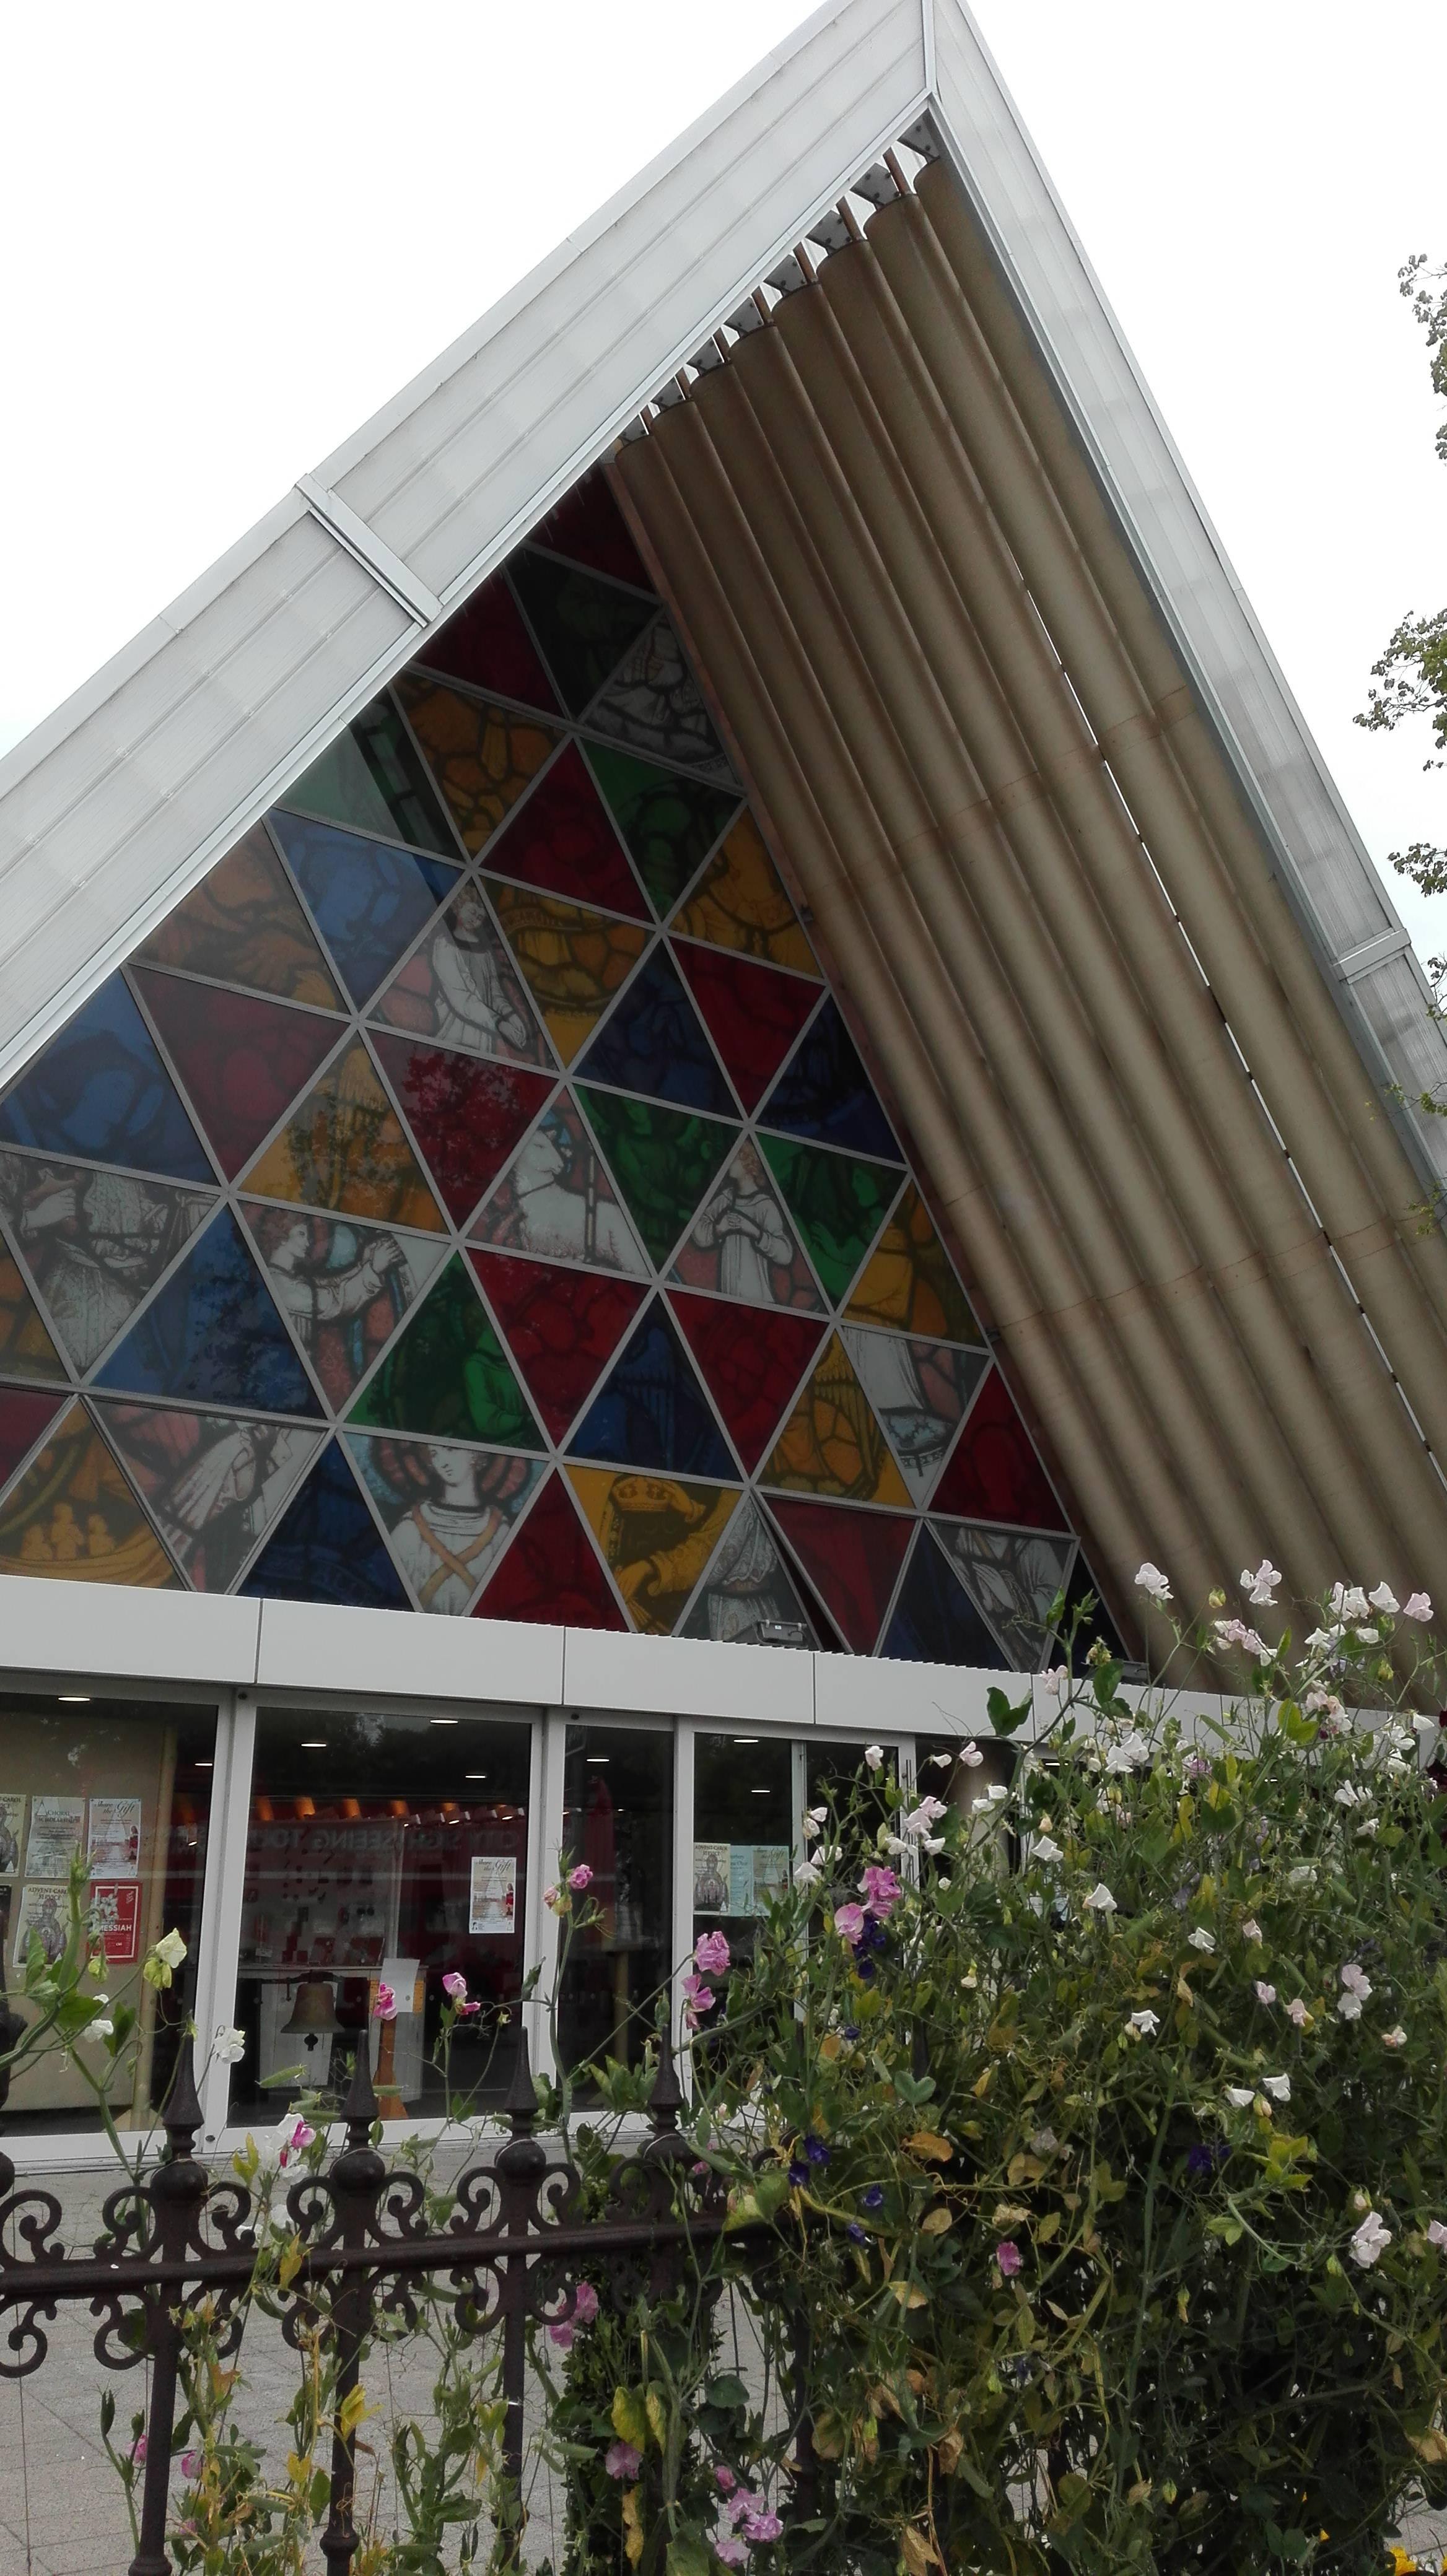 Photo 1: Christchurch, la ville-jardin de Nouvelle-Zélande